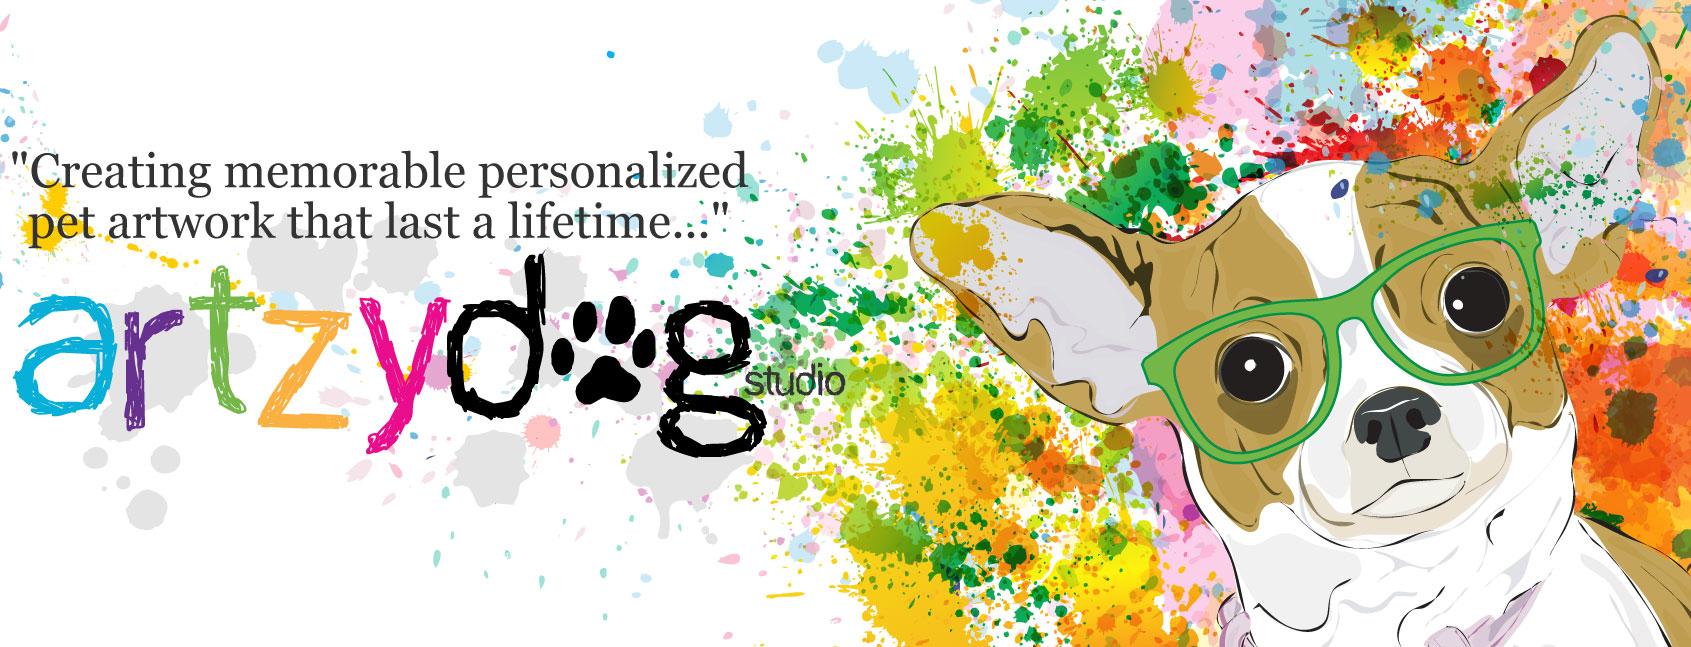 ArtzyDog Studio - Carrollton, TX 75006 - (469)235-5853 | ShowMeLocal.com